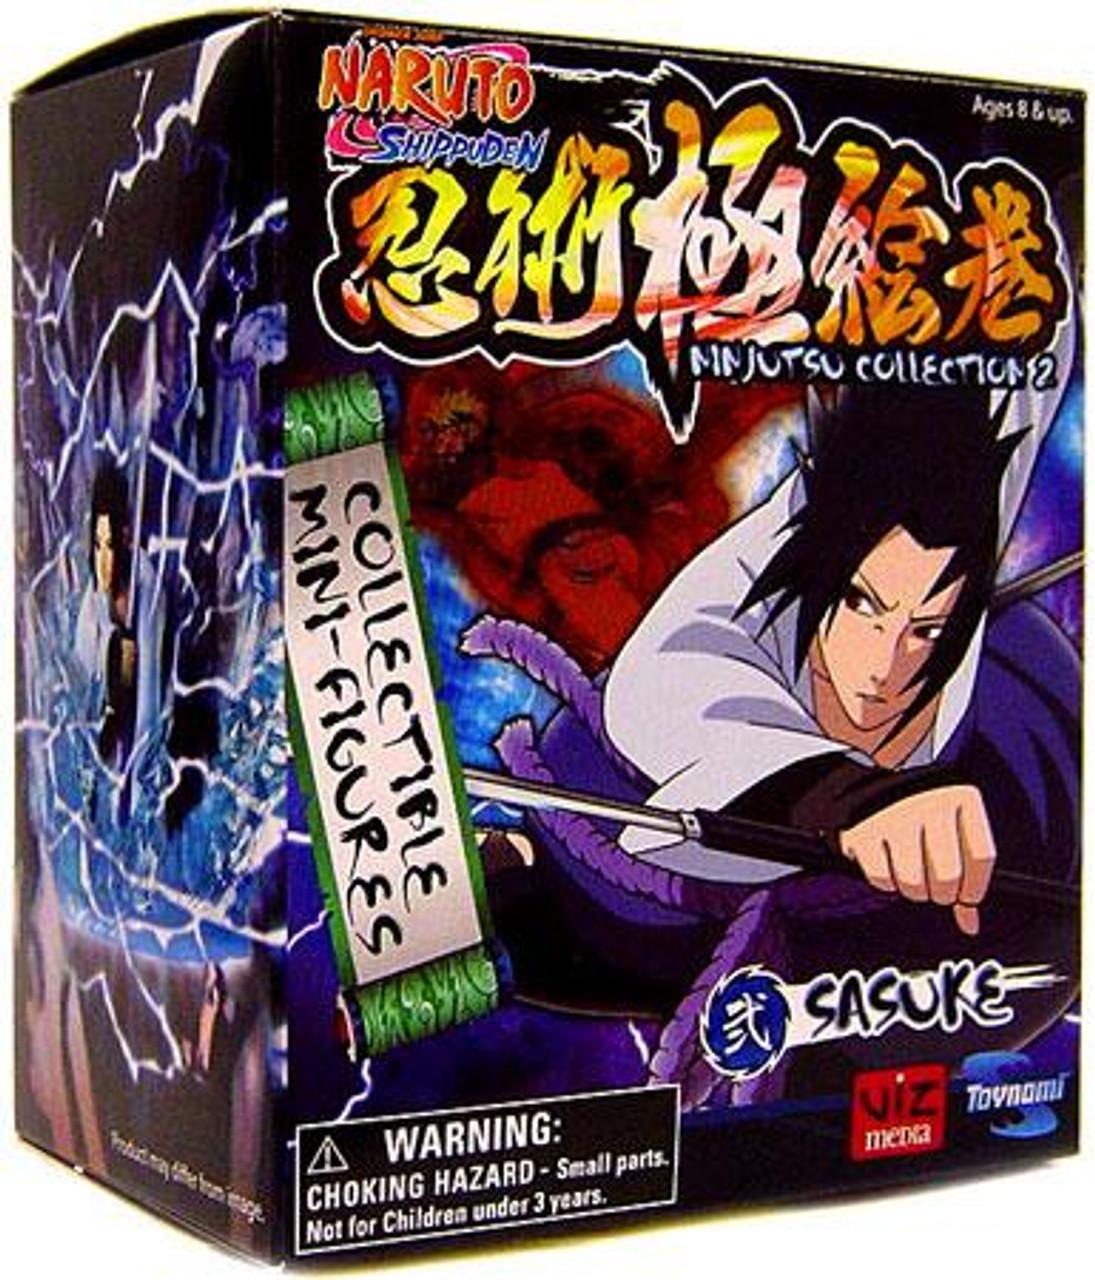 Naruto Shippuden Ninjutsu Collection 4-Inch Series 2 Sasuke Action Figure